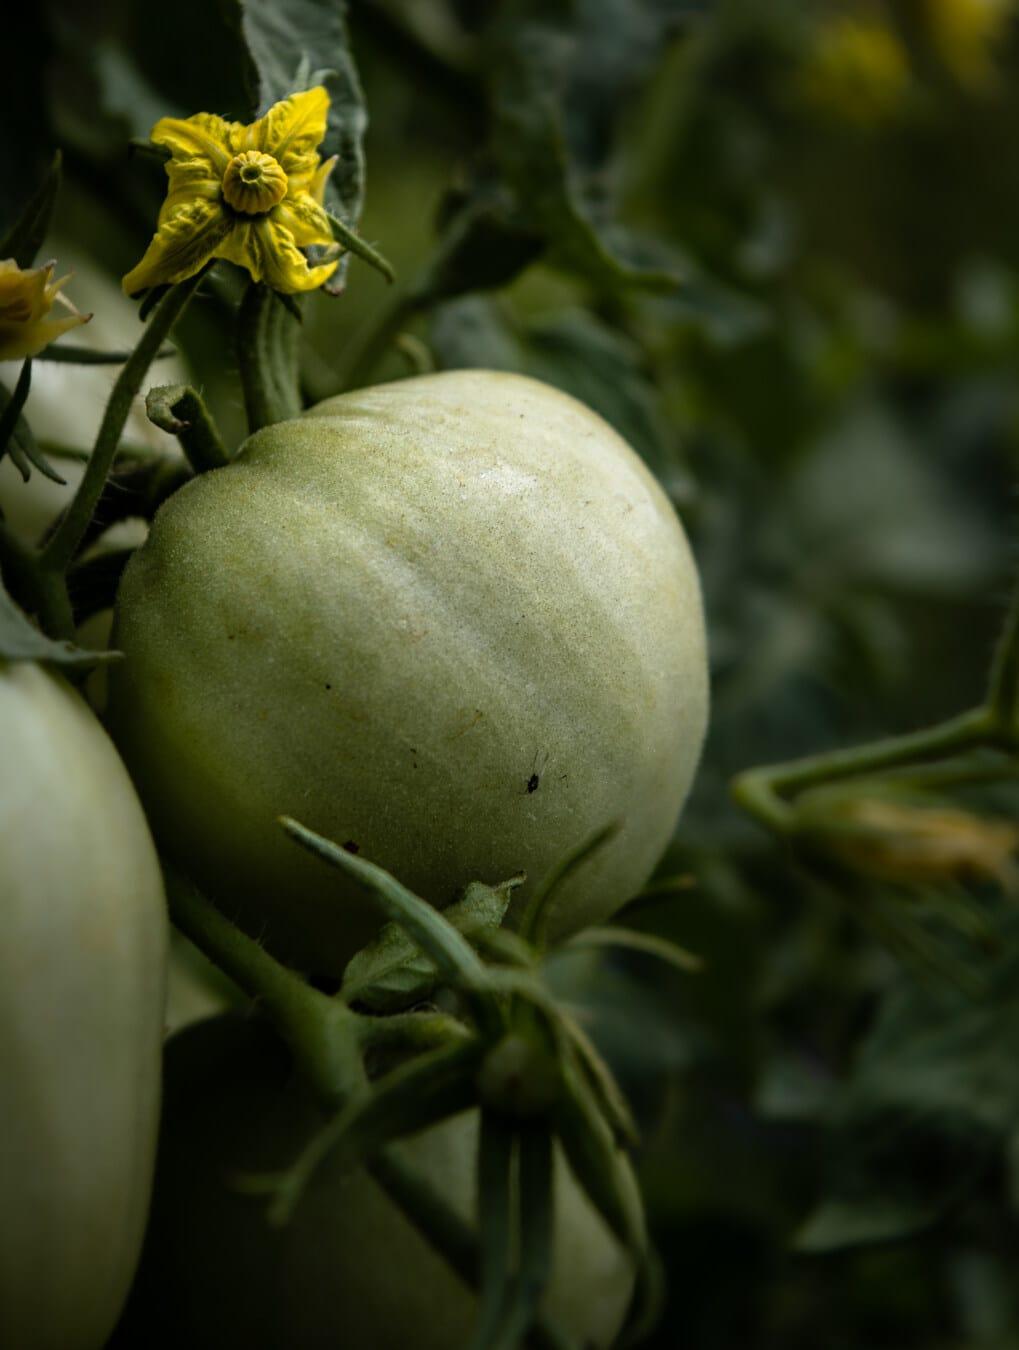 vert, tomates, légumes, organique, Agriculture, jardin, jaune verdâtre, fleurs, feuille, nature